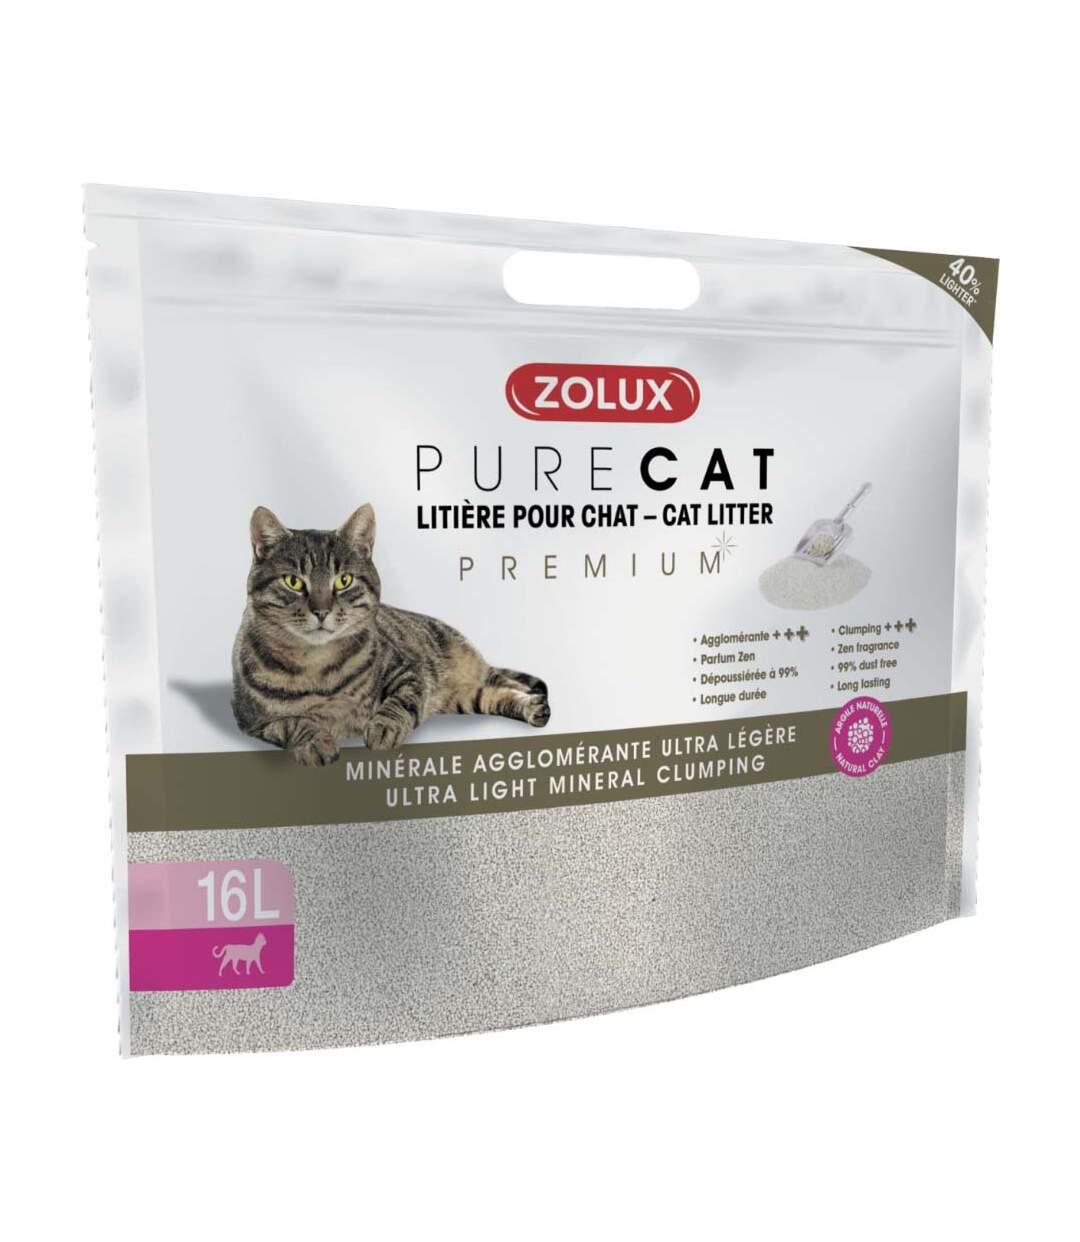 Litière agglomérante premium Pure cat 16L